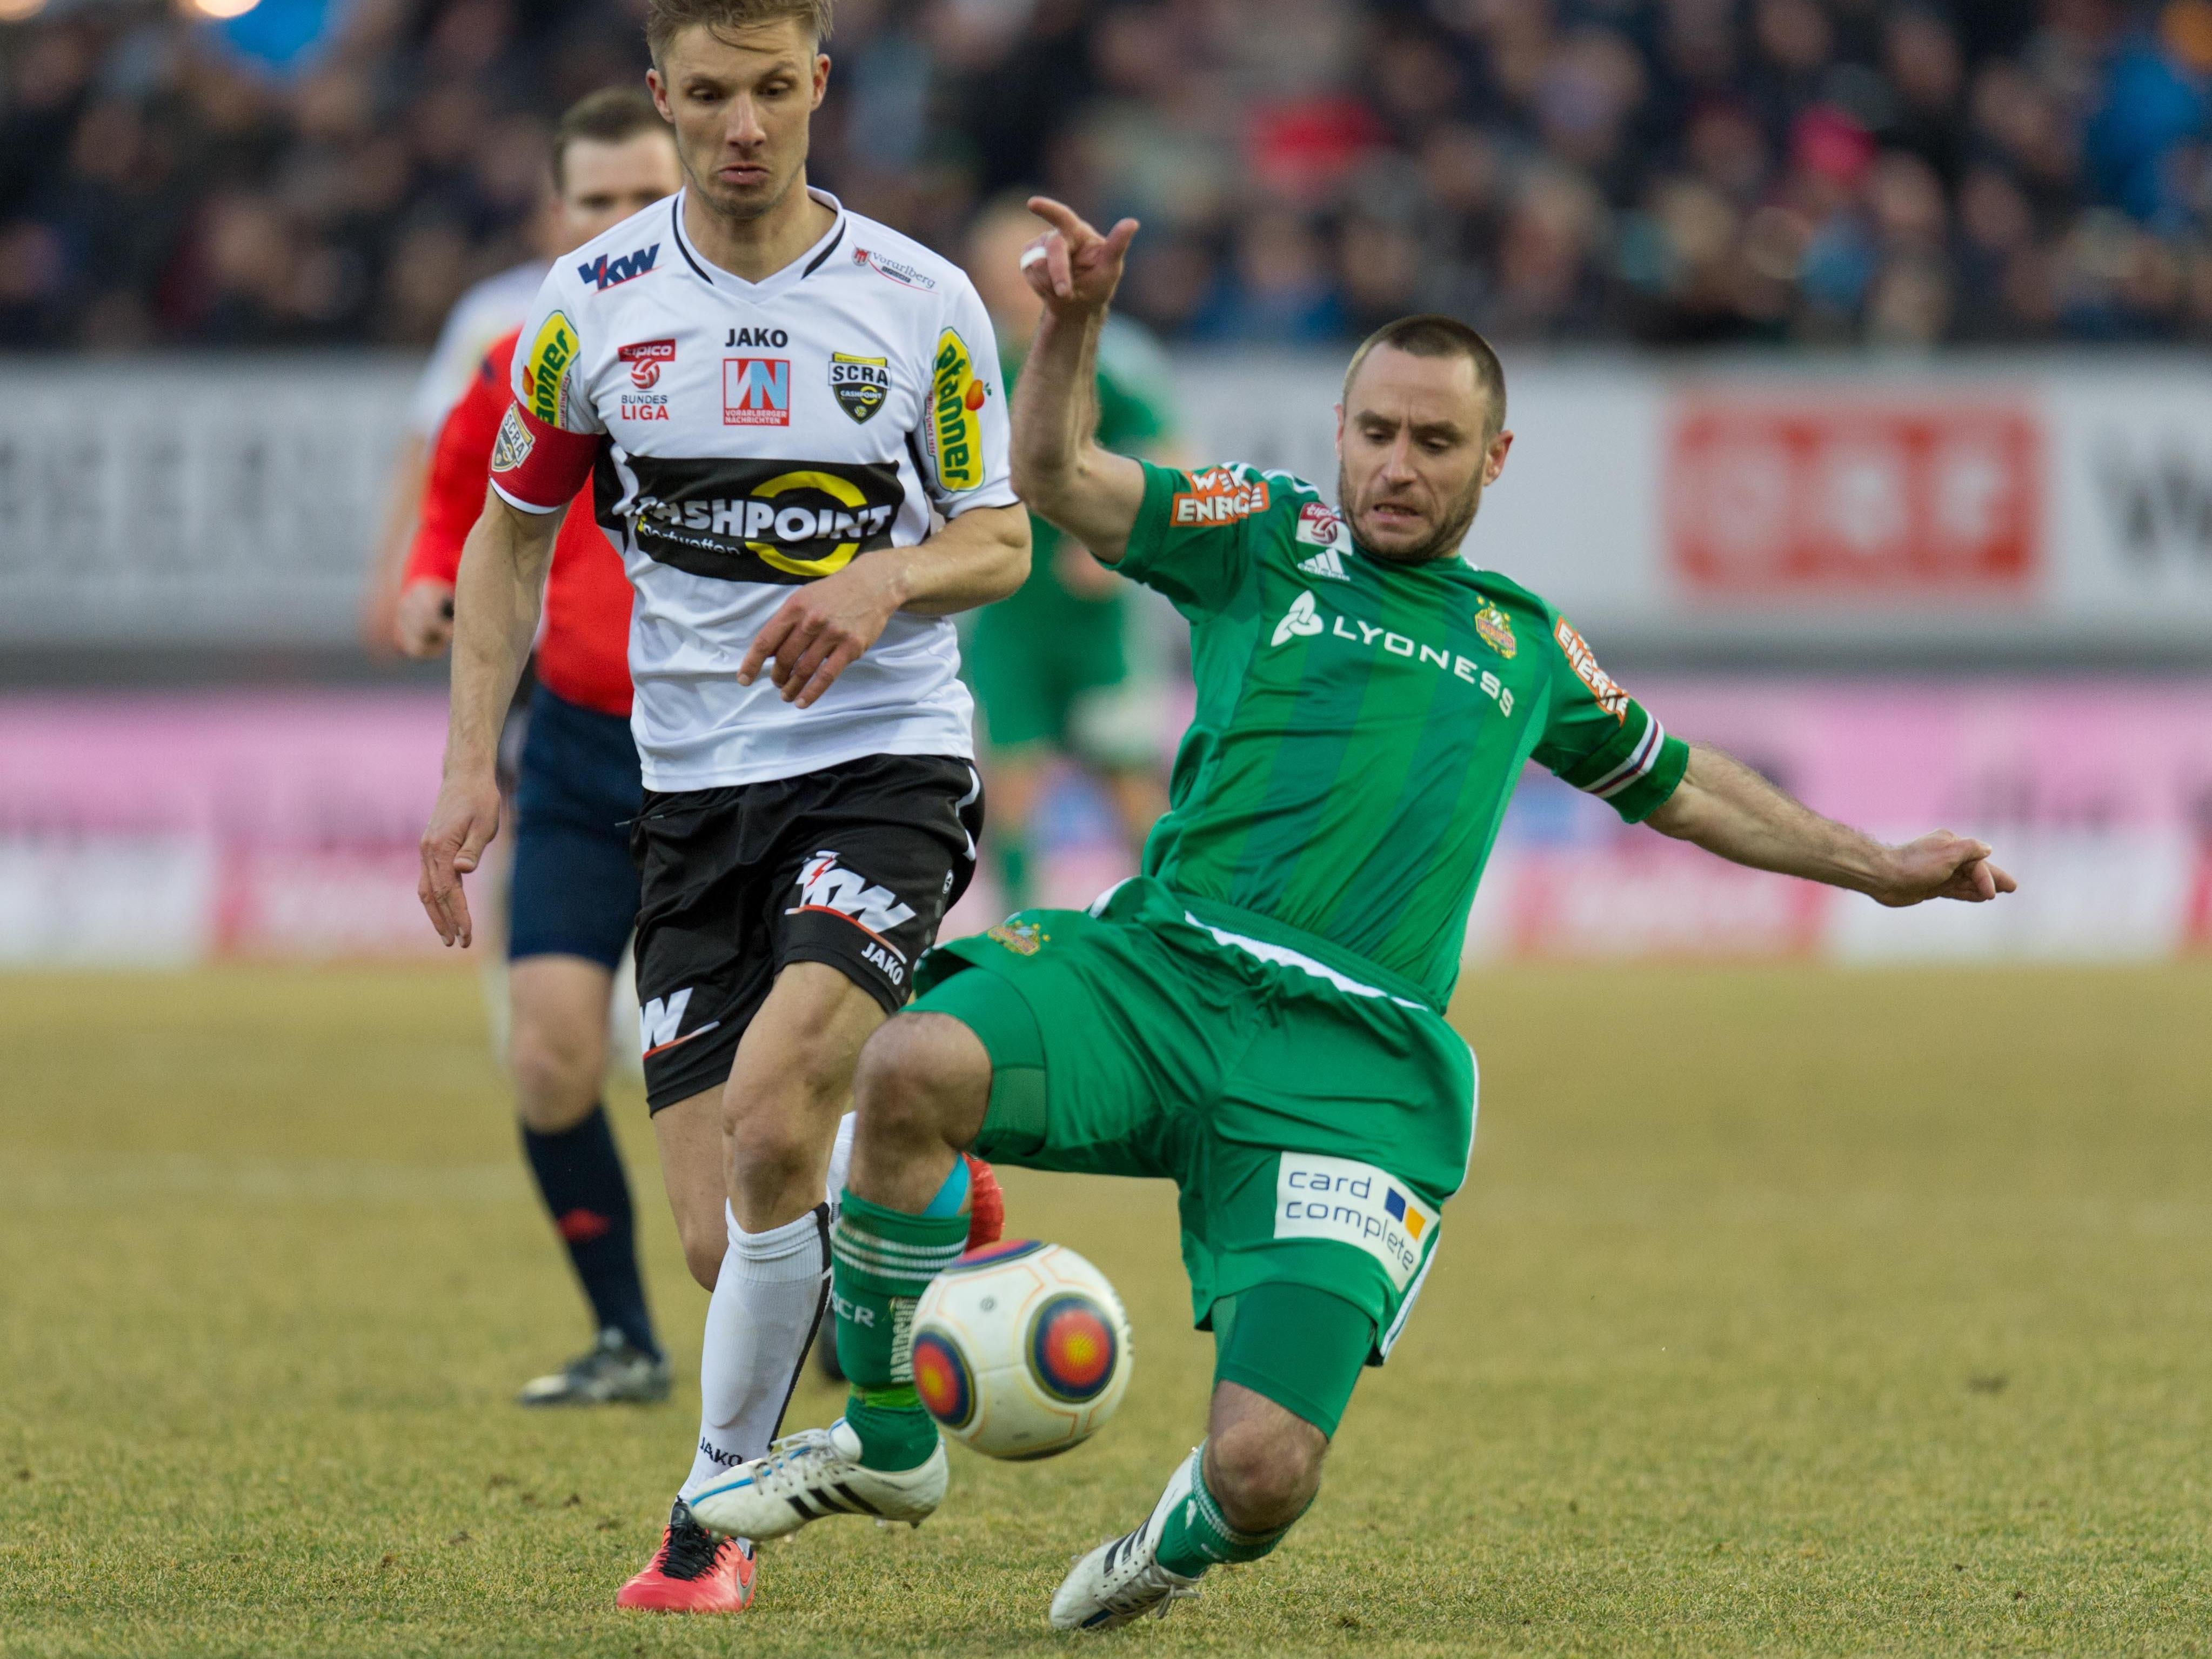 LIVE-Ticker zum Spiel SK Rapid Wien gegen SCR Altach ab 20.30 Uhr.